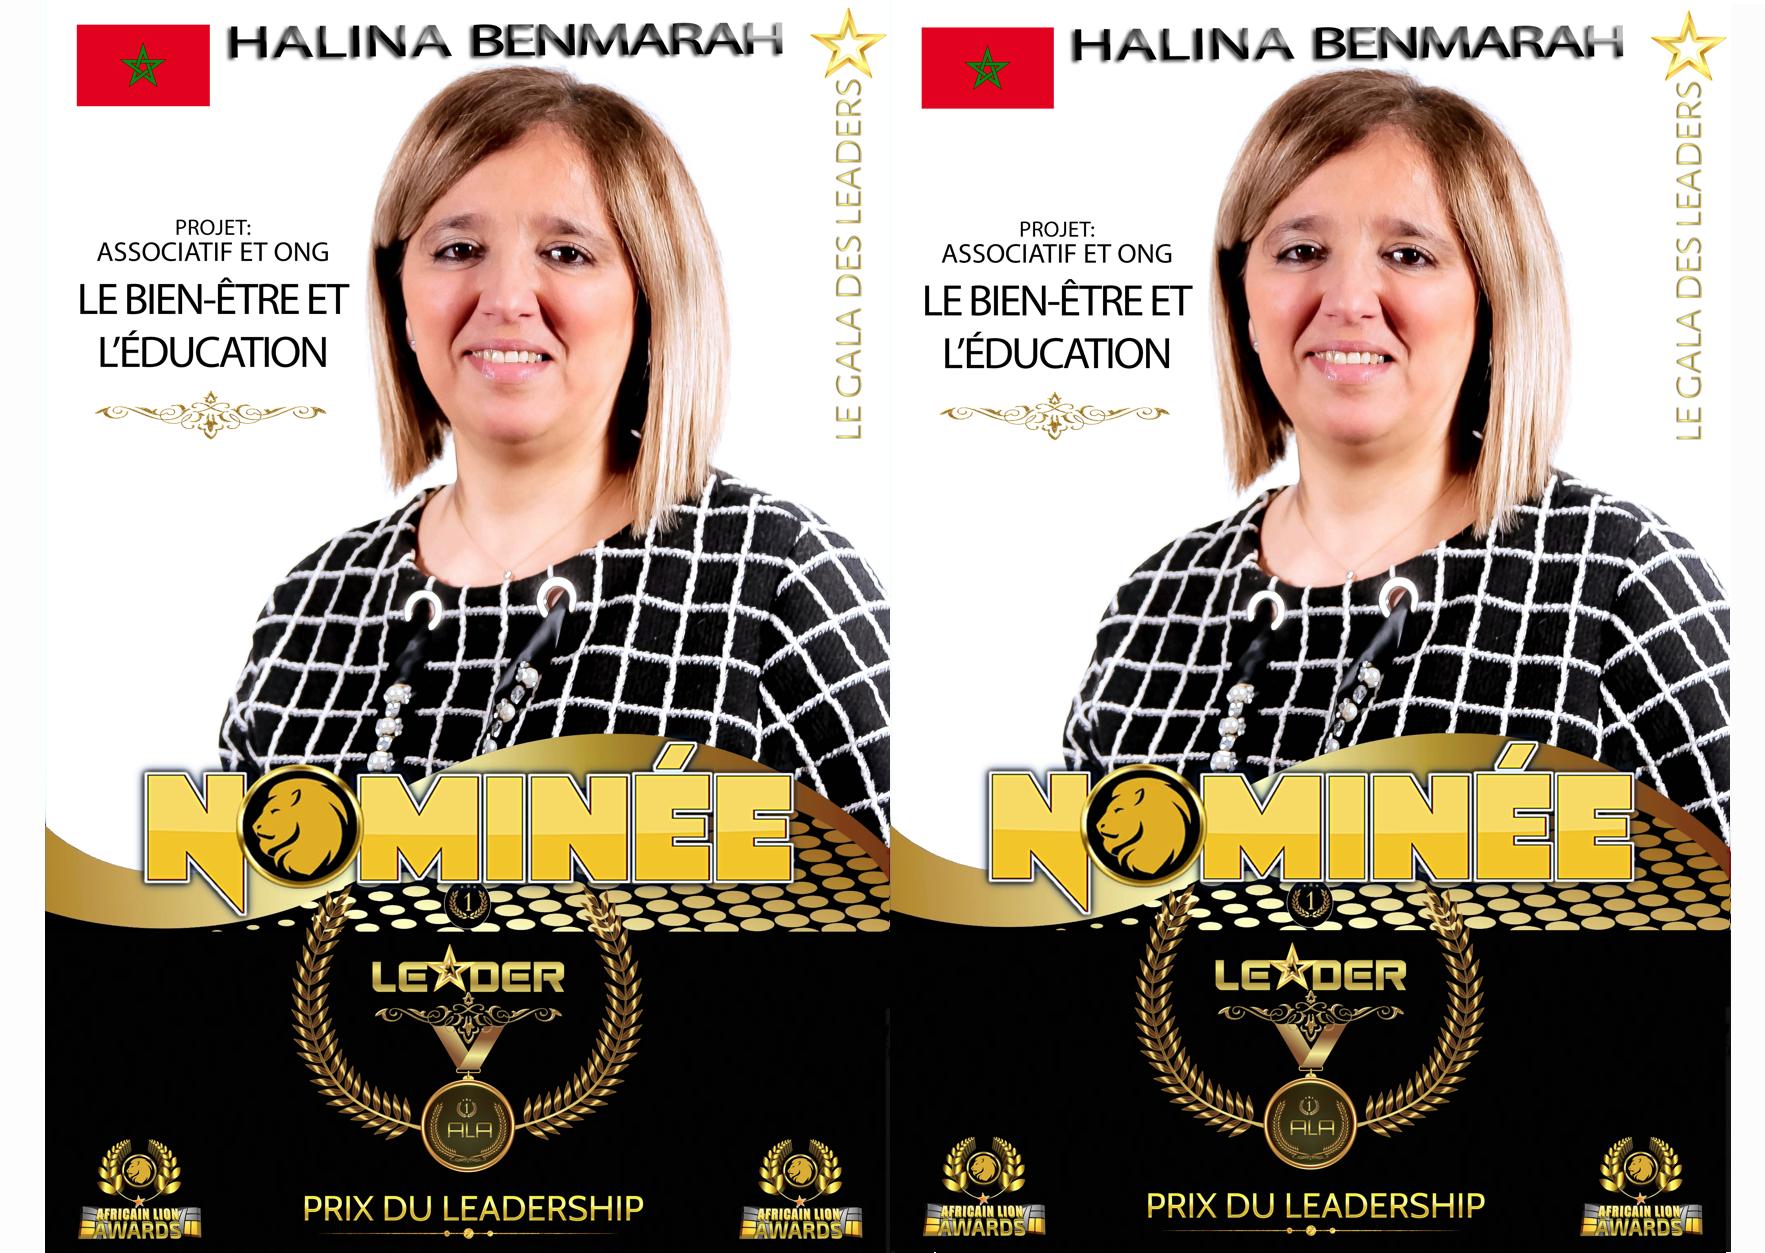 #ALA2019 | Nominée : Halina BENMRAH | Projet: Le Bien-être et l'Éducation | Prix du leadership | Catégorie : Associatif & ONG